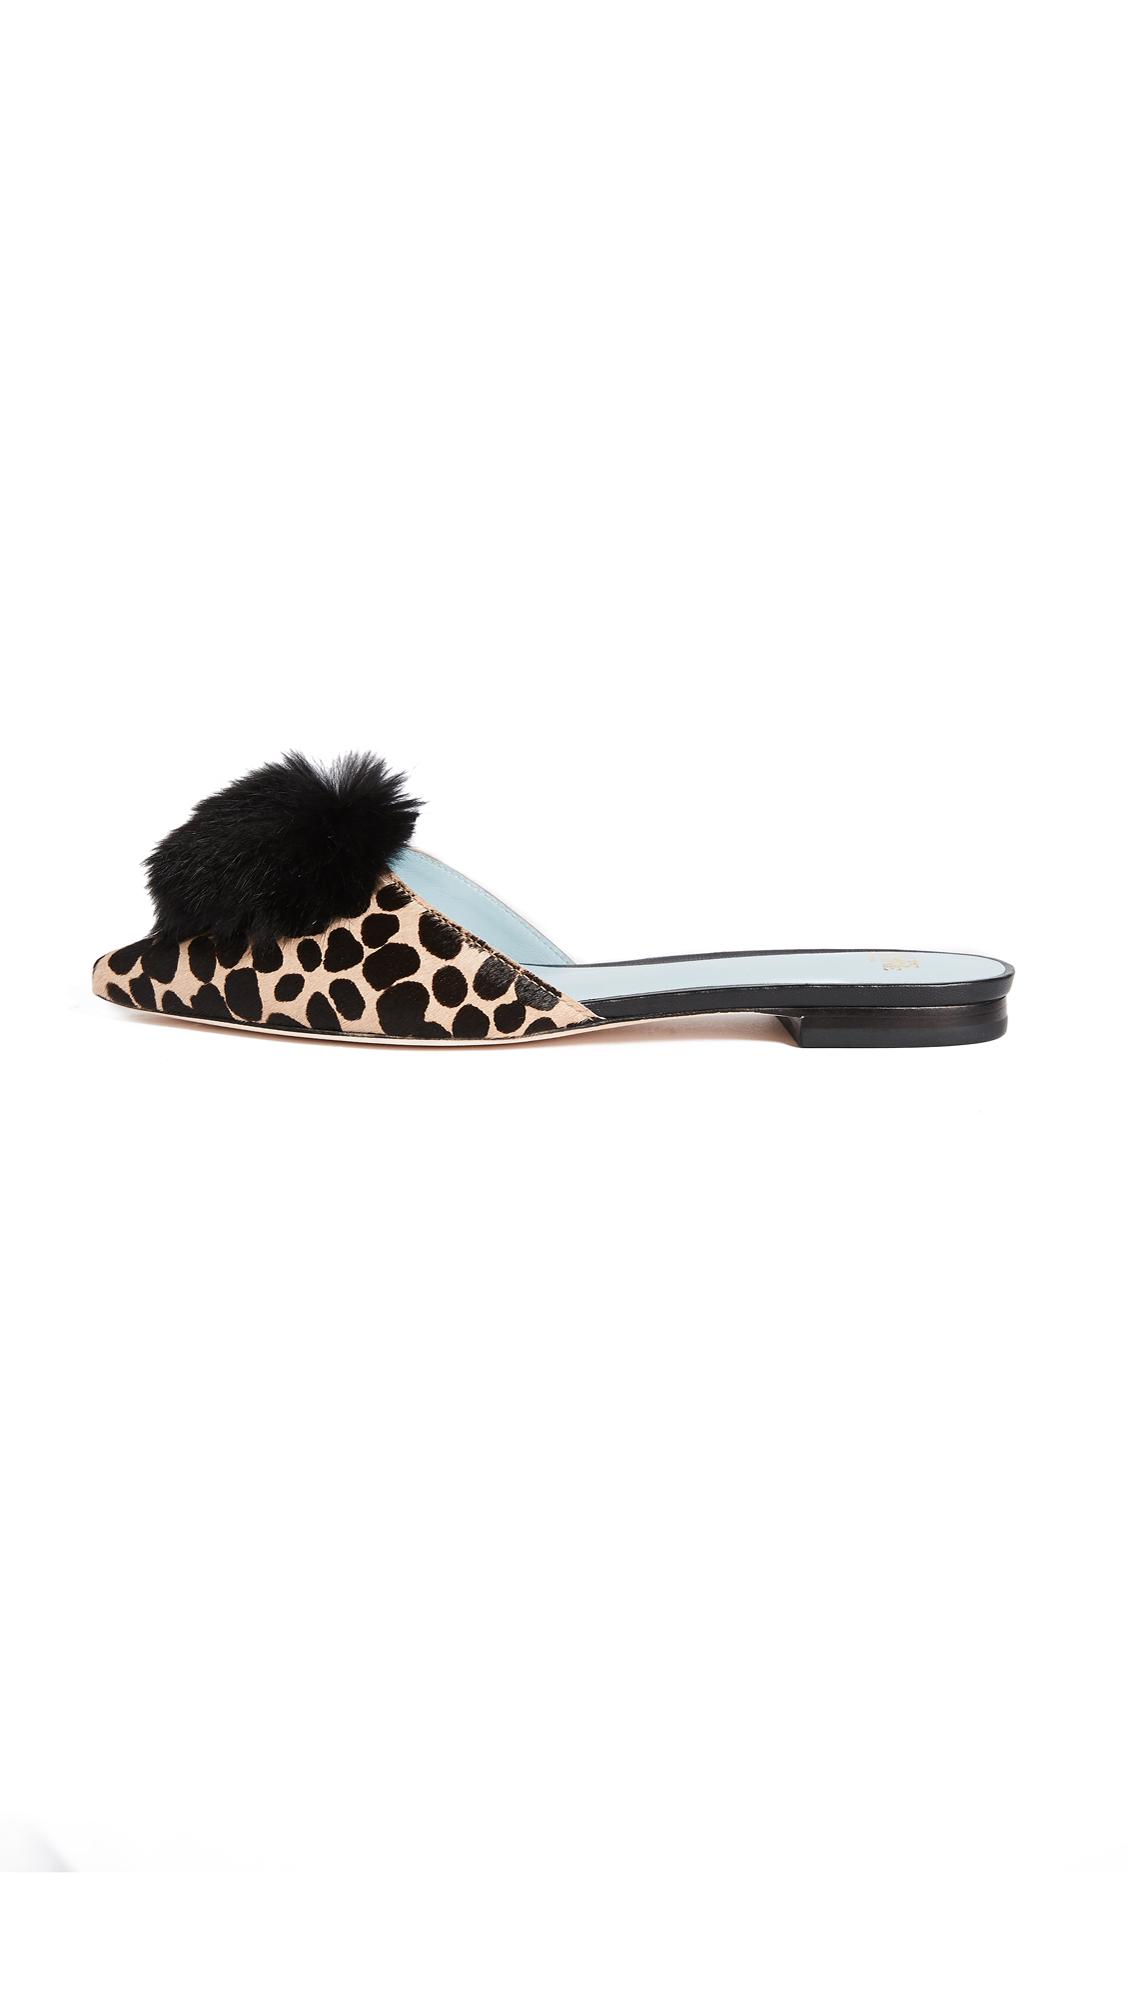 Frances Valentine Pauline Haircalf Mule Slides - Cheetah